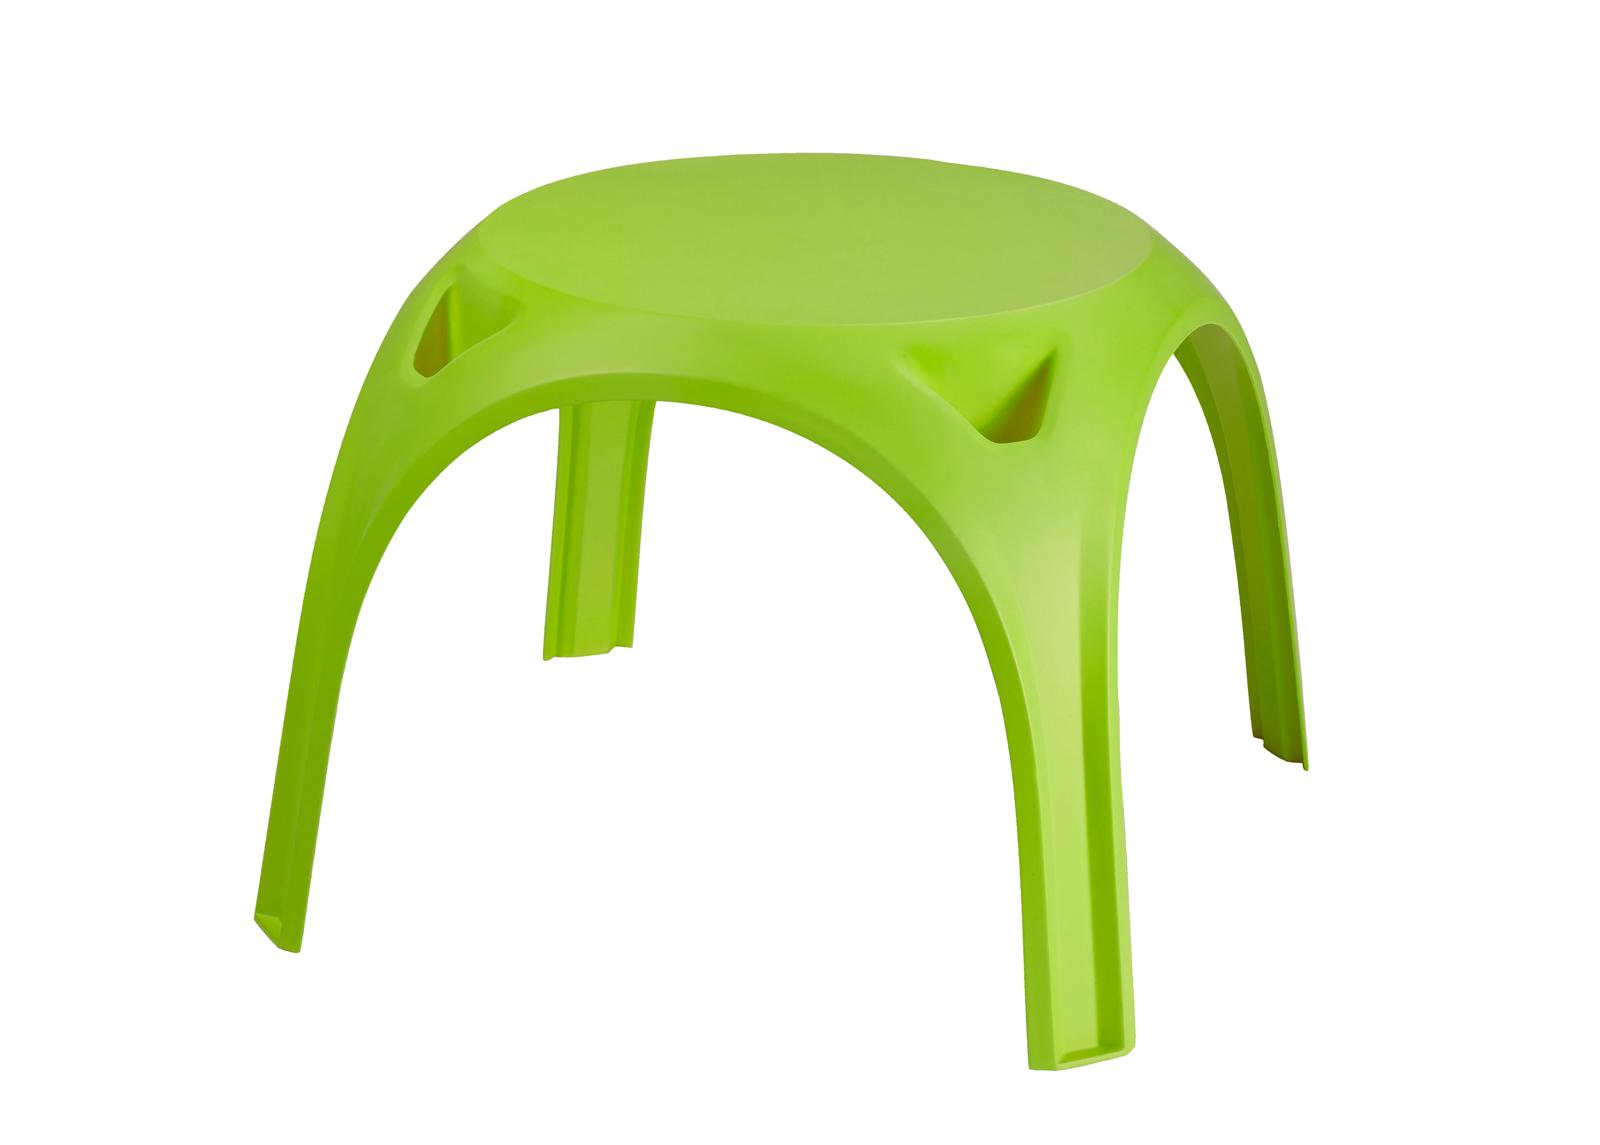 Lasten pöytä KETER, vaaleanvihreä